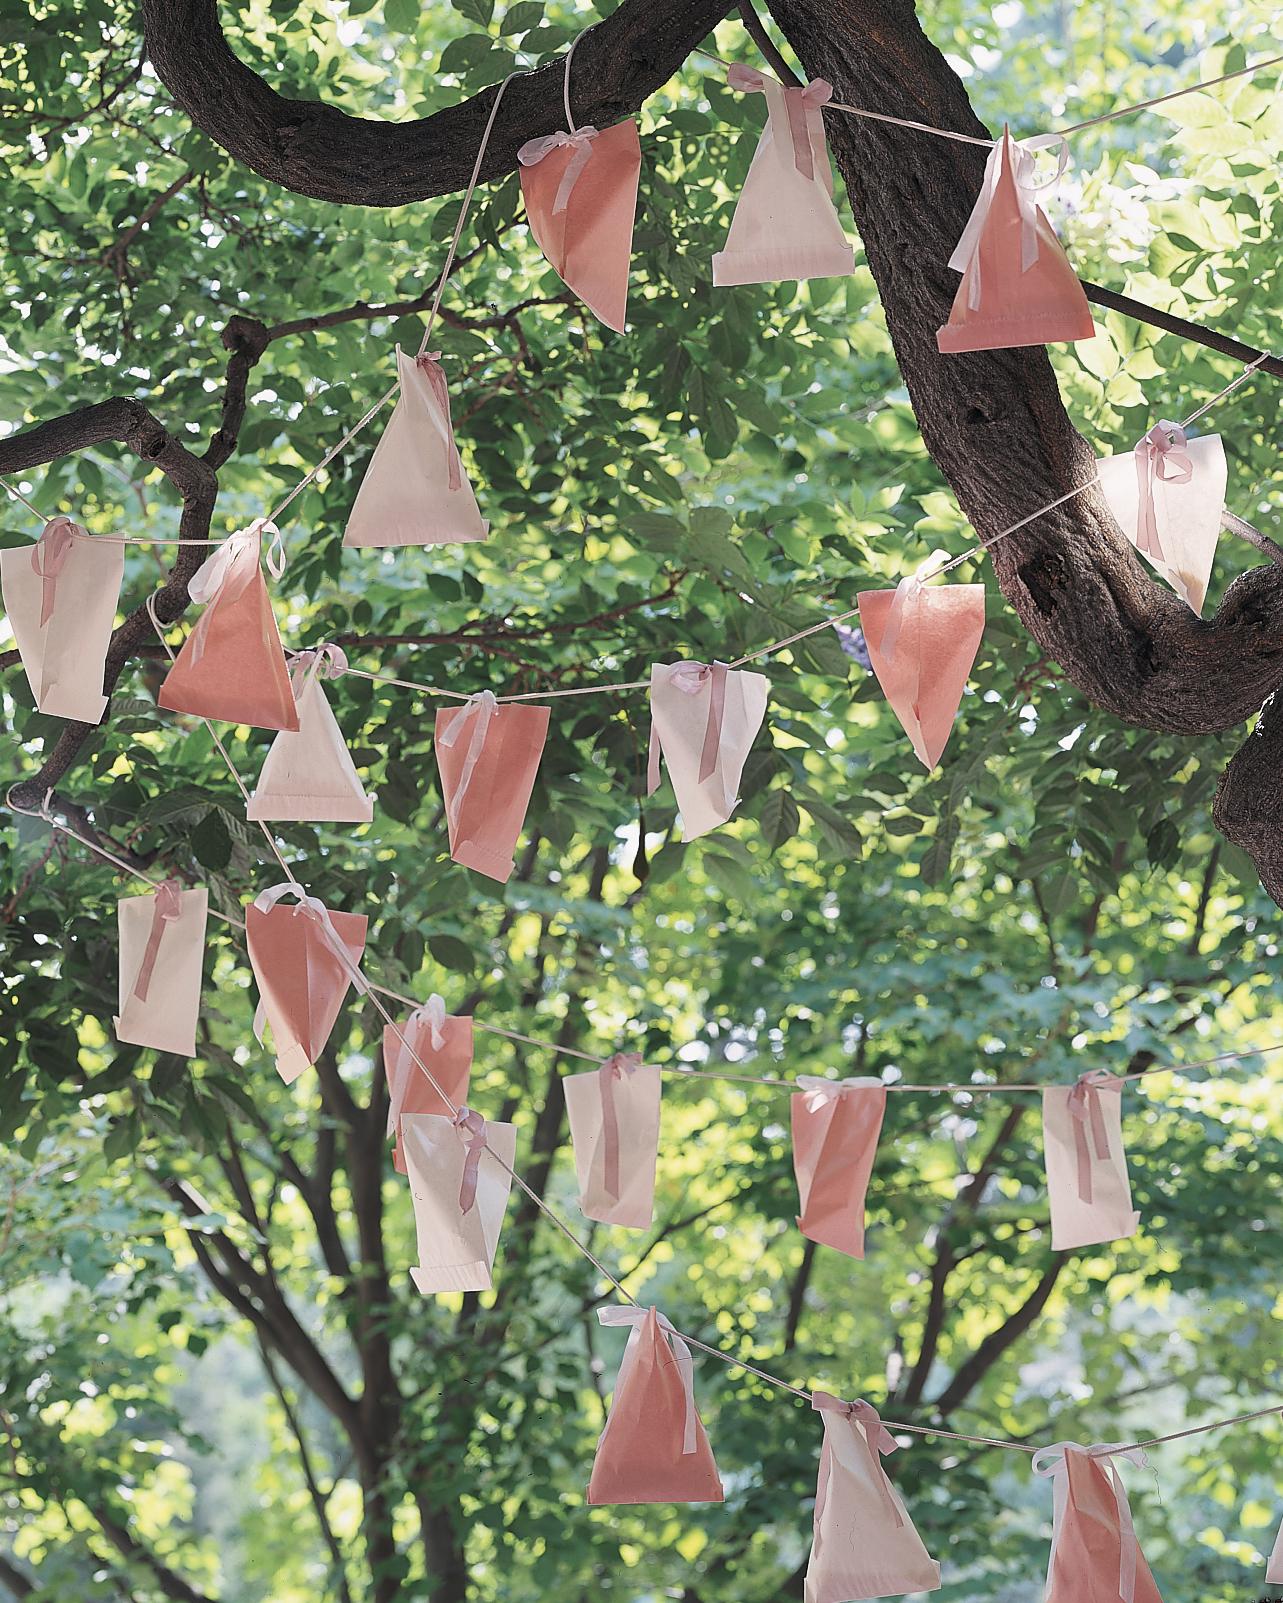 outdoor-wedding-decorations-ml150a17-favor-garland-0515.jpg